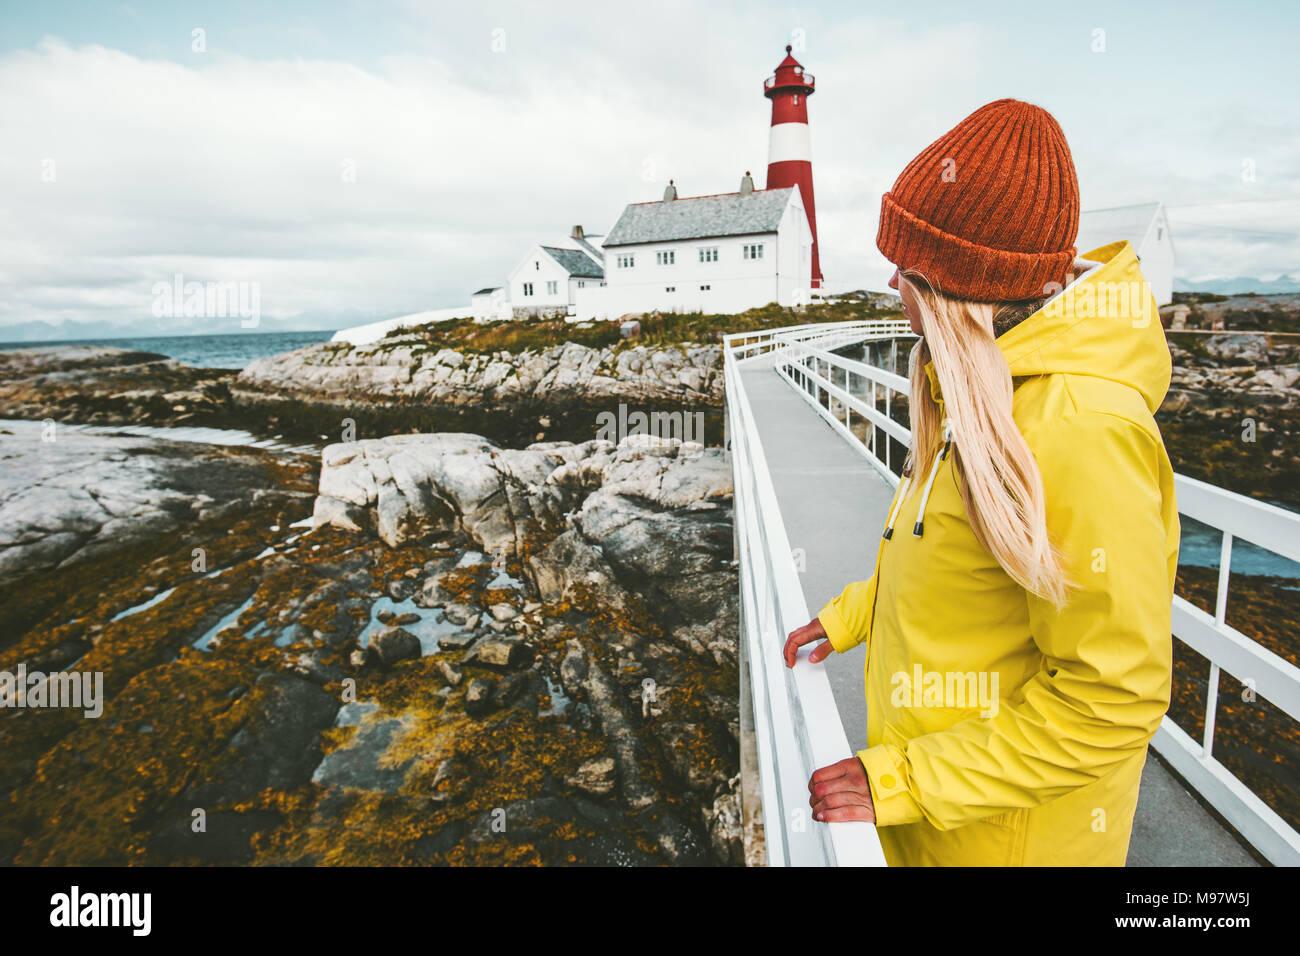 Frau Sehenswürdigkeiten Norwegen Leuchtturm Landschaft Reisen Lifestyle Konzept Abenteuer Touristen Urlaub Outdoor Mädchen tragen gelbe Regenmantel ständigen Al Stockbild